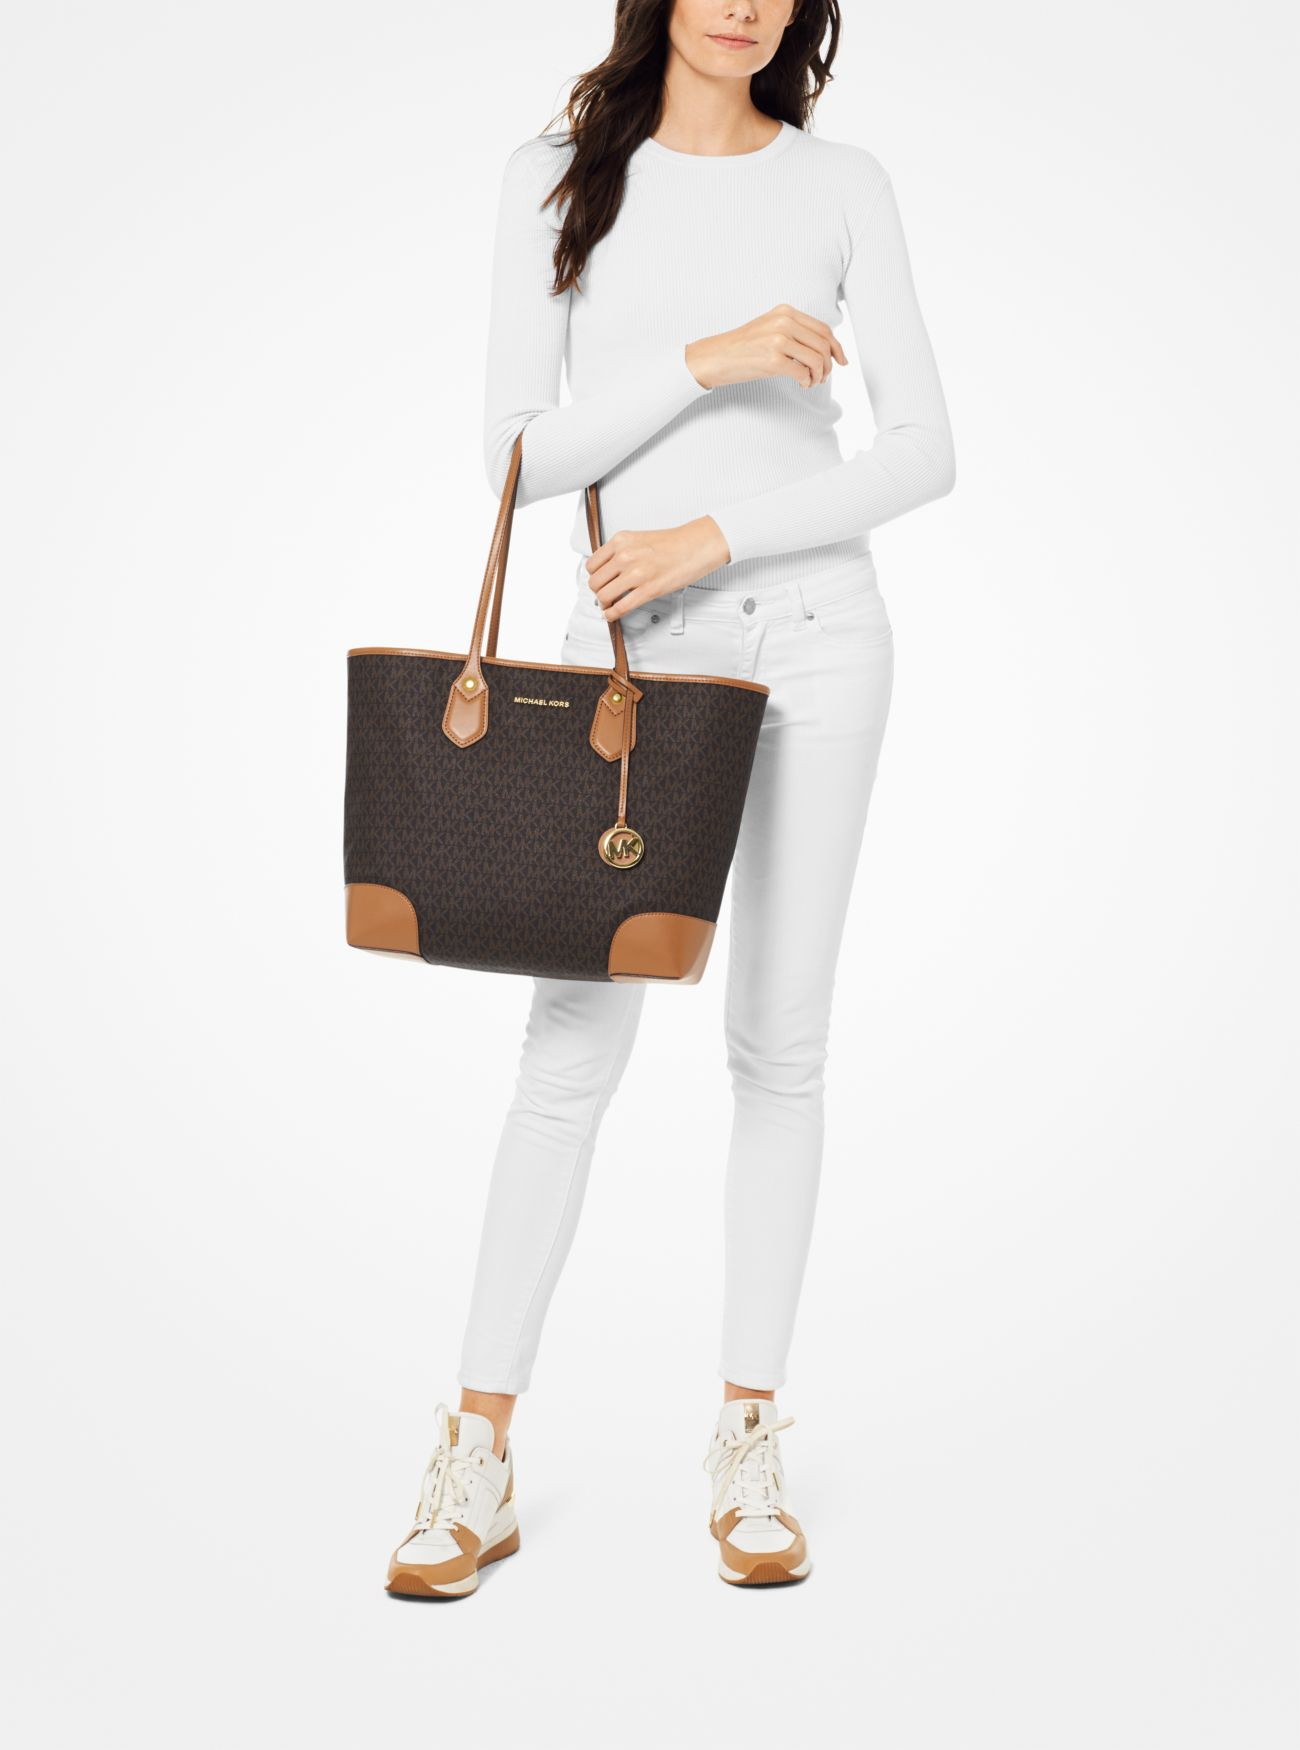 c2682aceee ... Eva Large Logo Tote Bag. MICHAEL Michael Kors